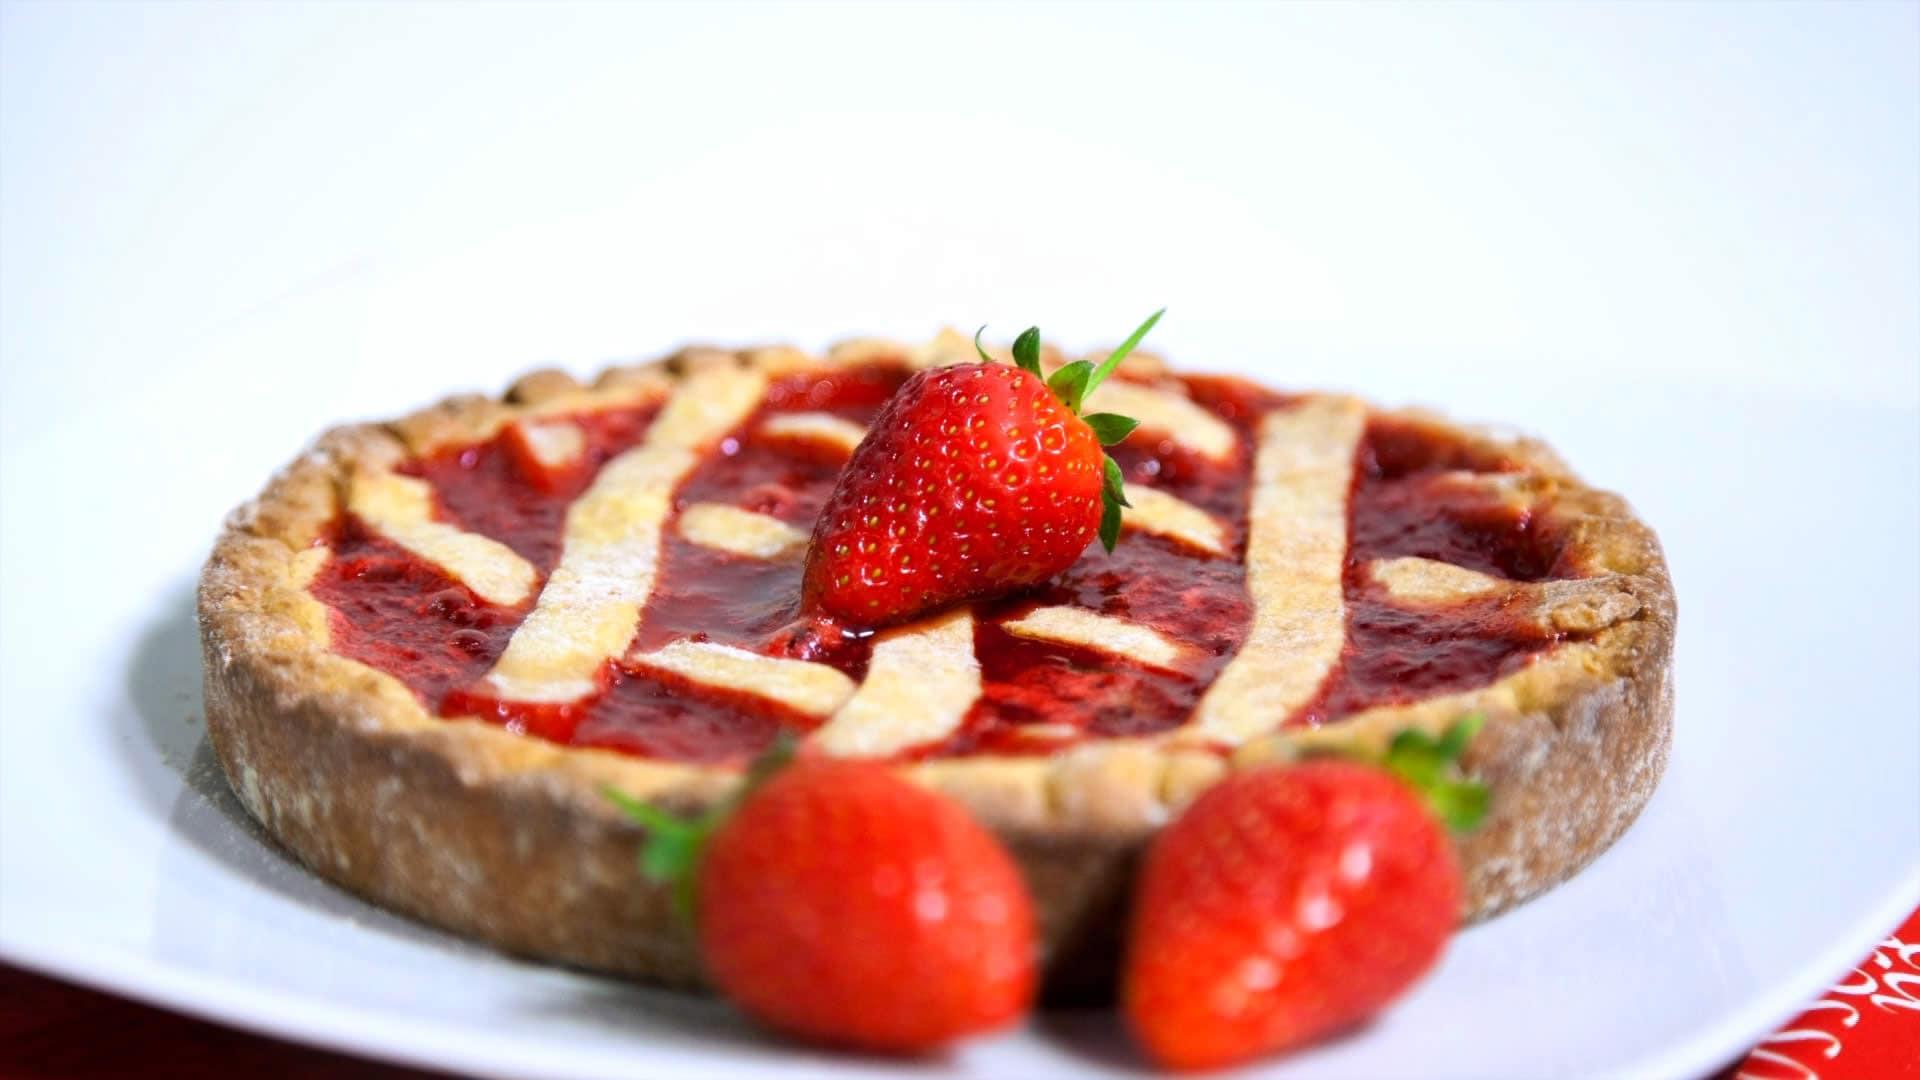 Foto Crostata alle fragole per diabetici - Crostata light senza burro e senza saccarosio